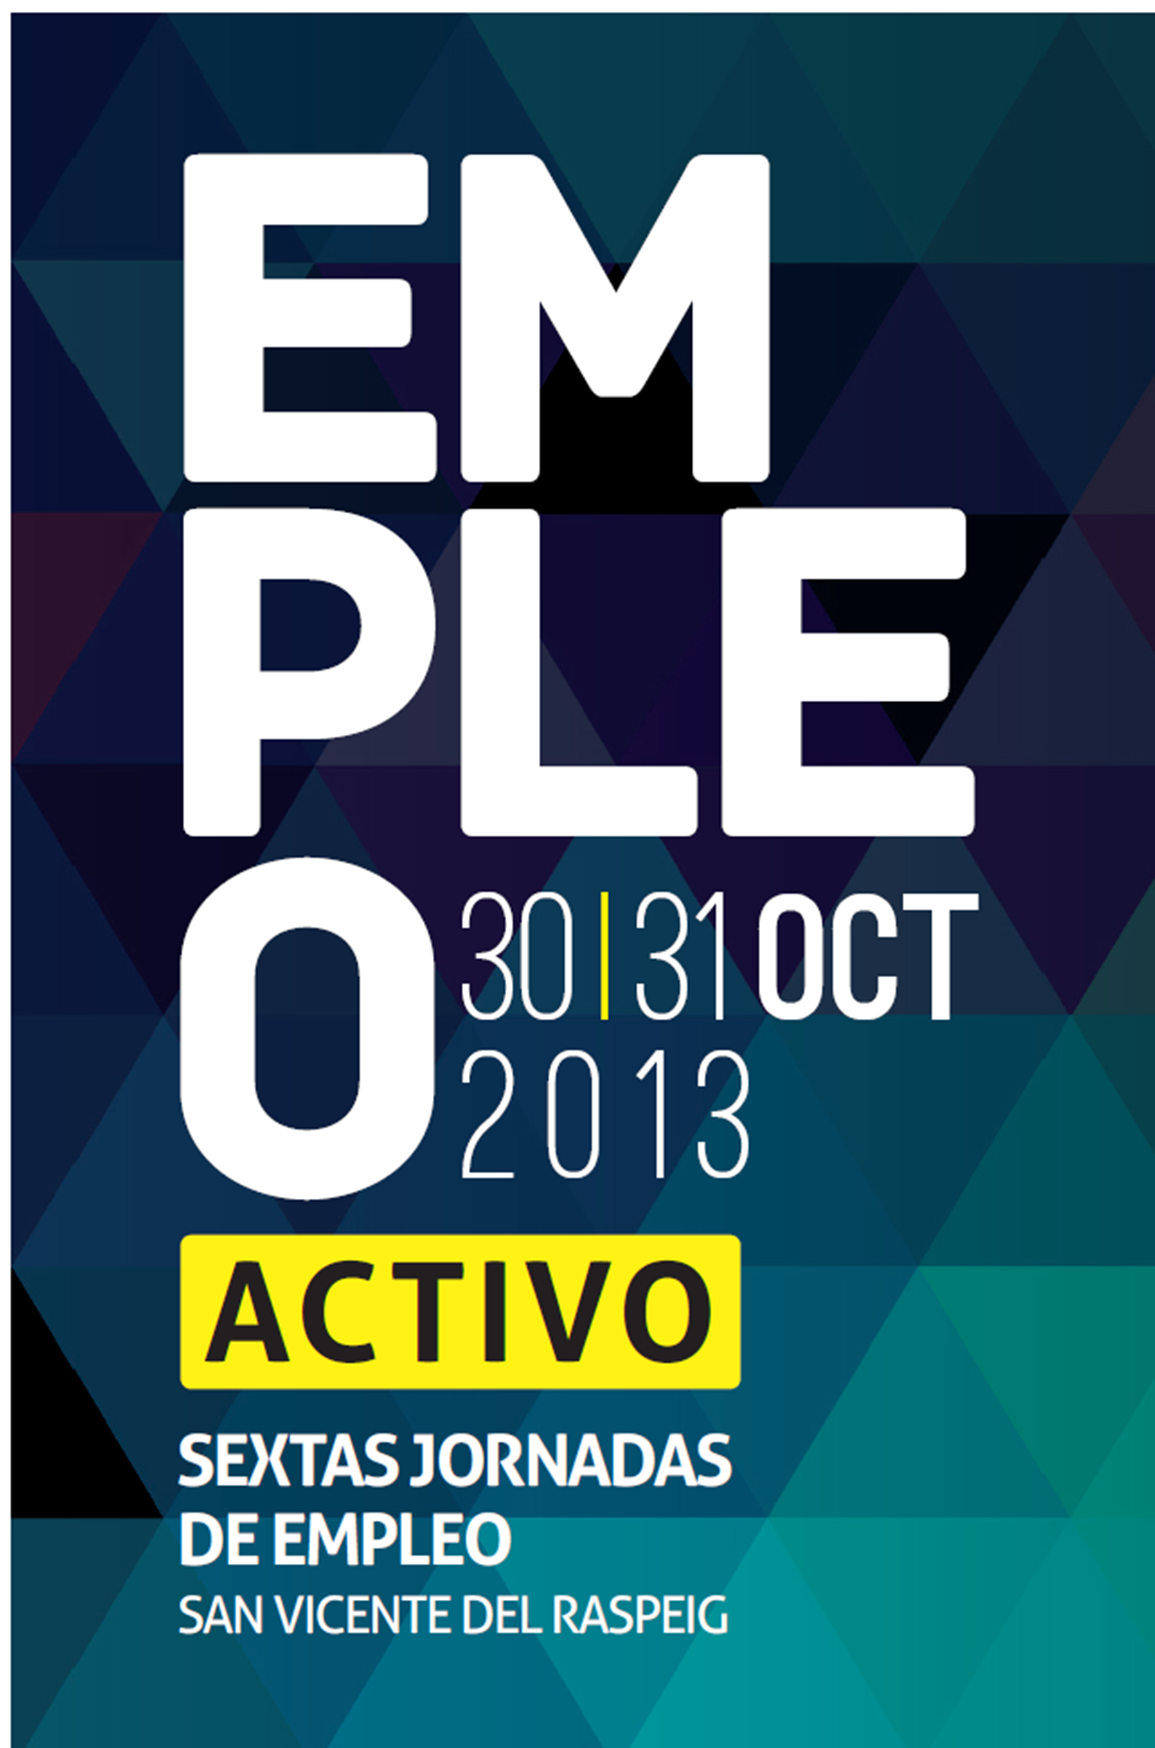 Jornadas Empleo Sant Vicent 2013